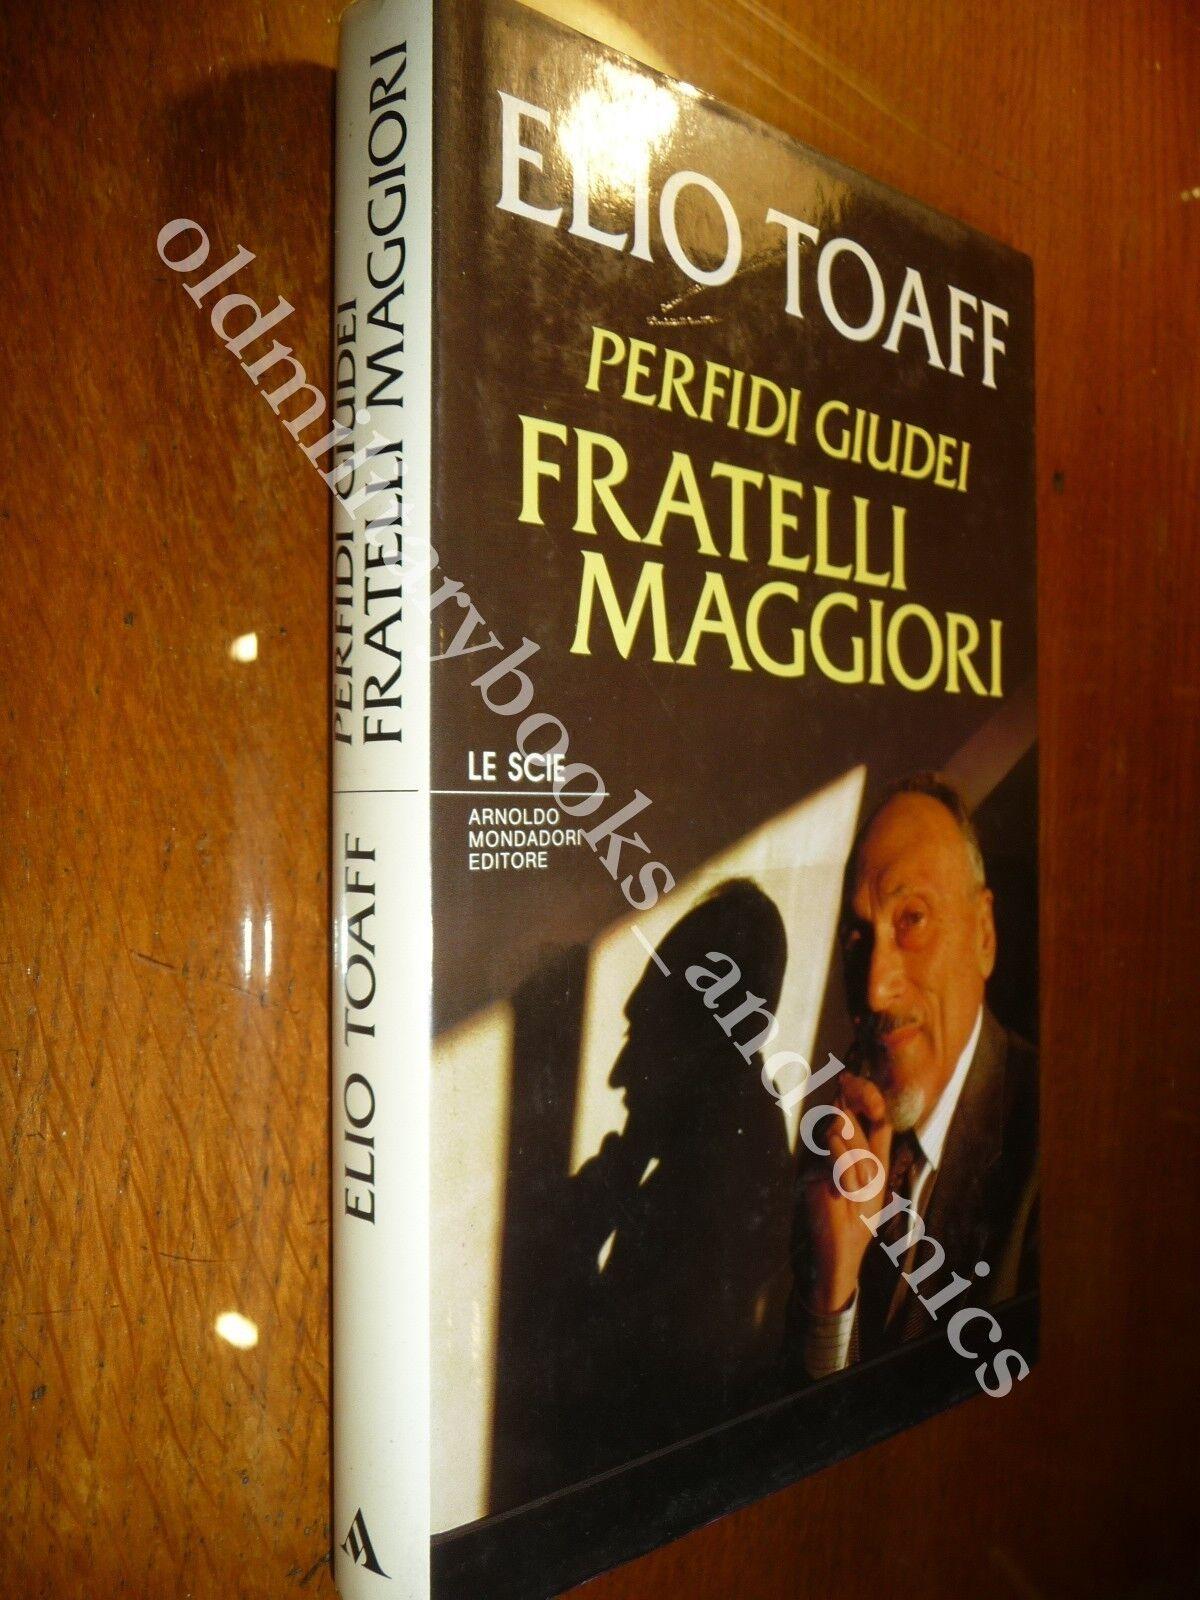 PERFIDI GIUDEI FRATELLI MAGGIORI ELIO TOAFF BIOGRAFIA DEL RABBINO CAPO DI ROMA